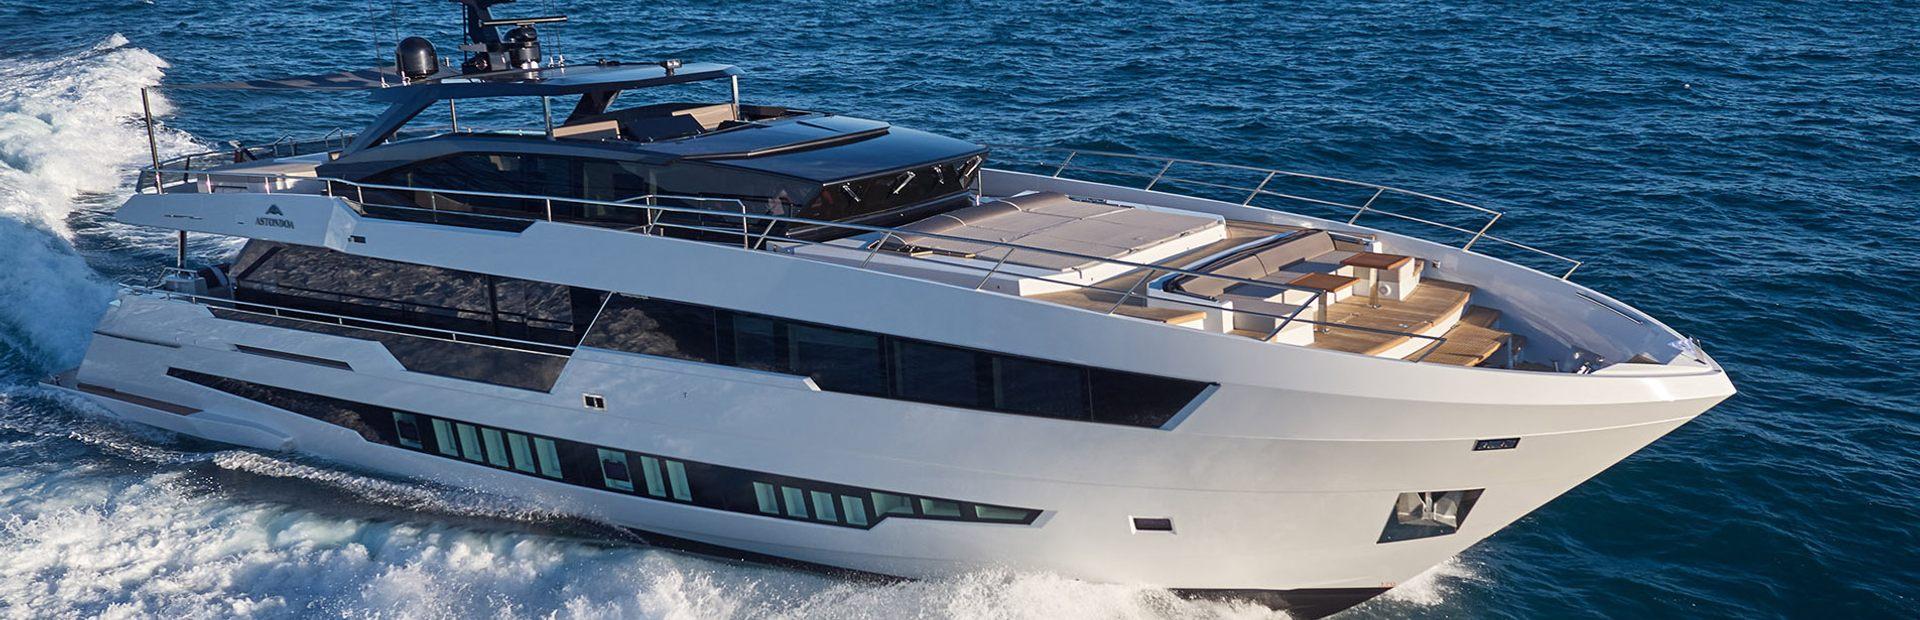 100 Century Yacht Charter